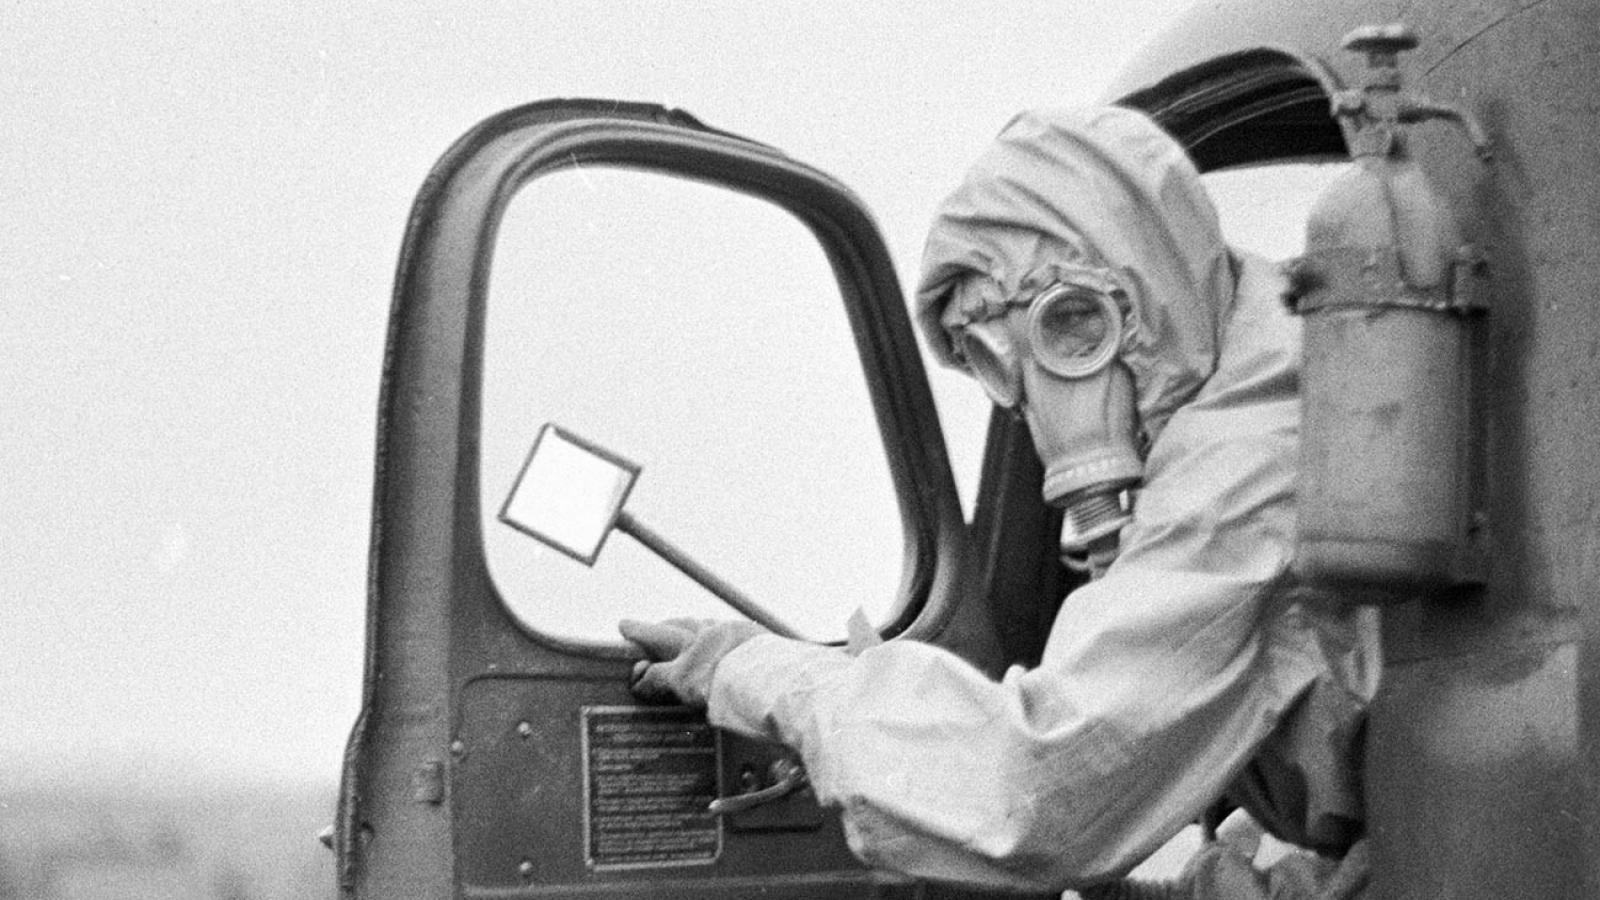 Liên Xô đã che đậy vụ nổ hạt nhân gần Moscow năm 1971 như thế nào?